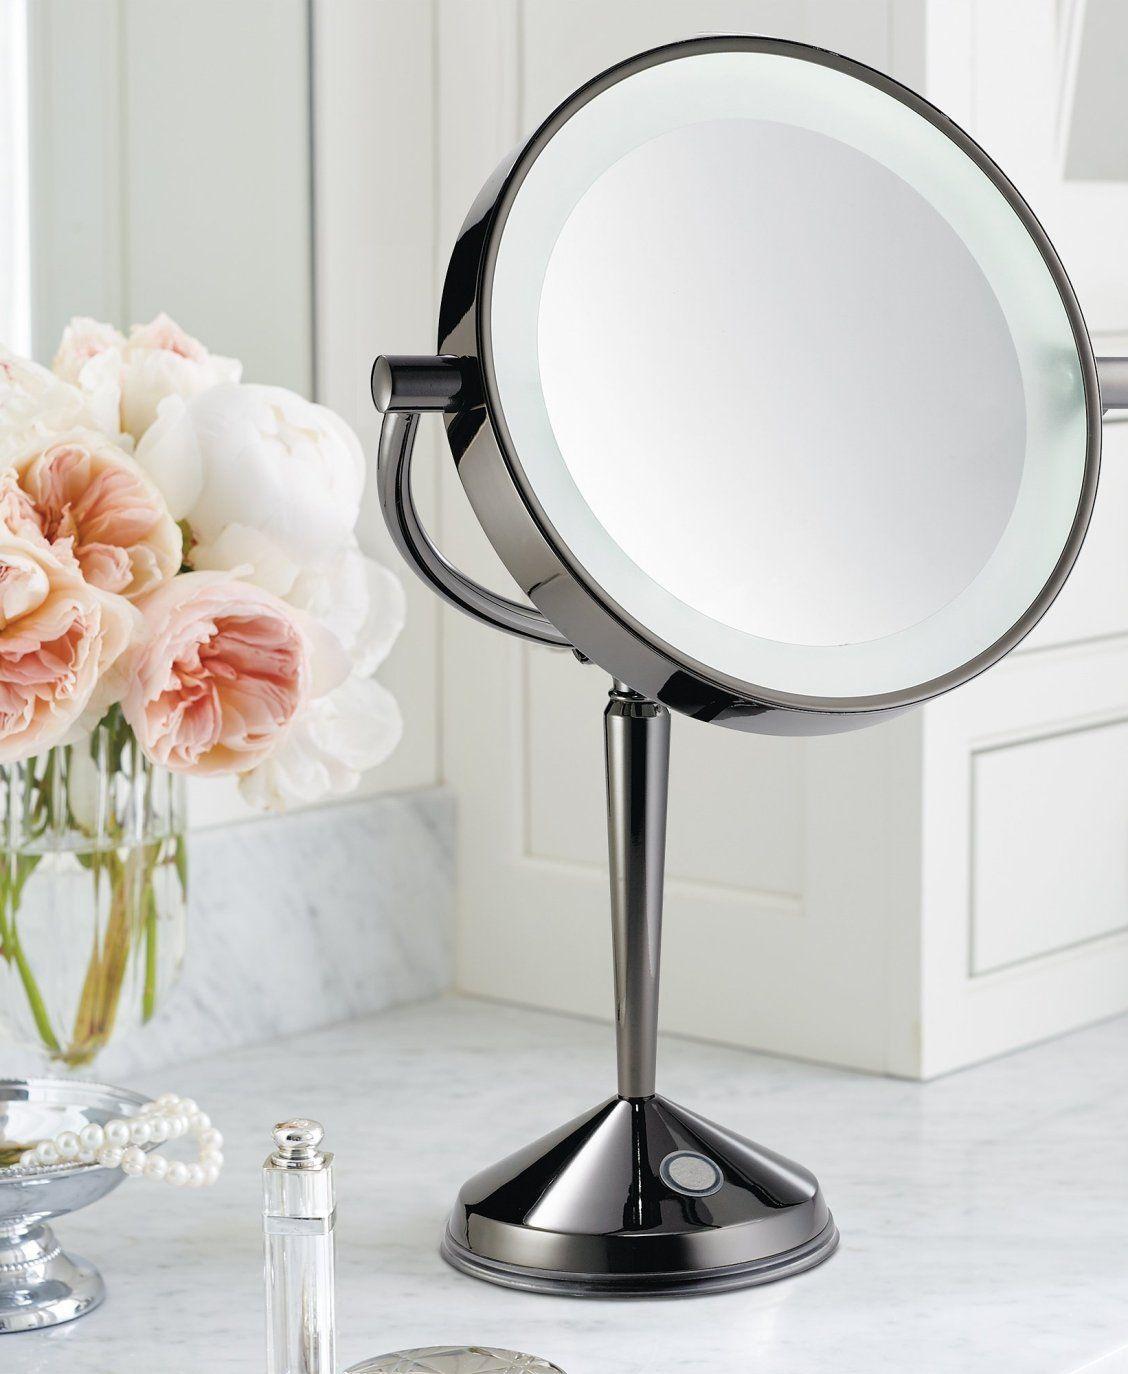 LED Articulating Rechargeable Vanity Mirror Diy vanity